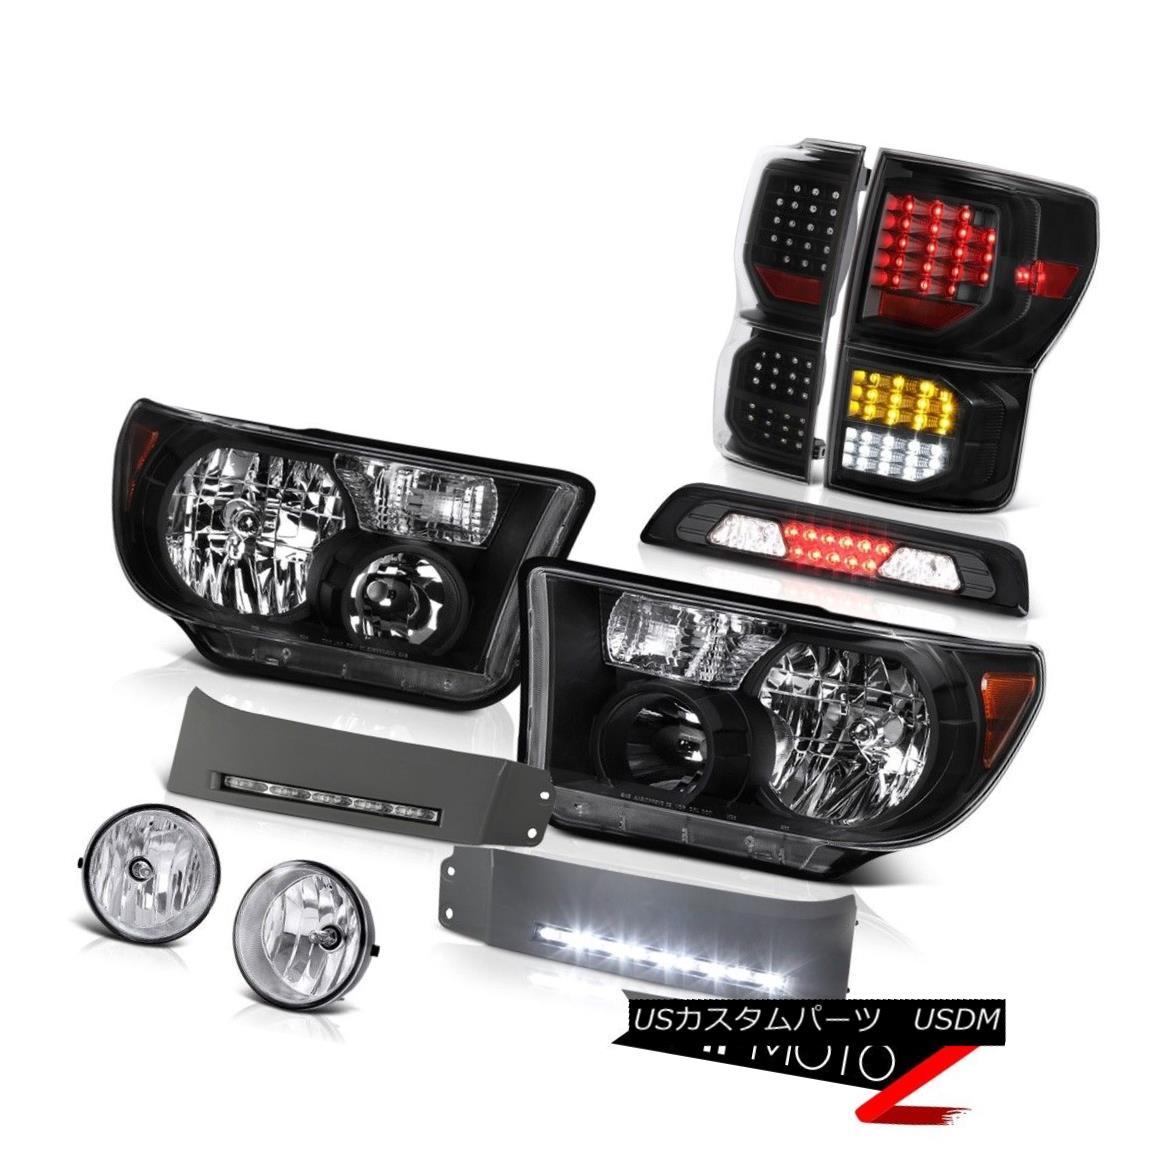 ヘッドライト 07-13 Toyota Tundra SR5 Taillamps Headlamps DRL Strip Roof Cab Lamp Foglamps SMD 07-13トヨタトンドラSR5タイルランプヘッドランプDRLストリップルーフキャブランプフォグライトSMD